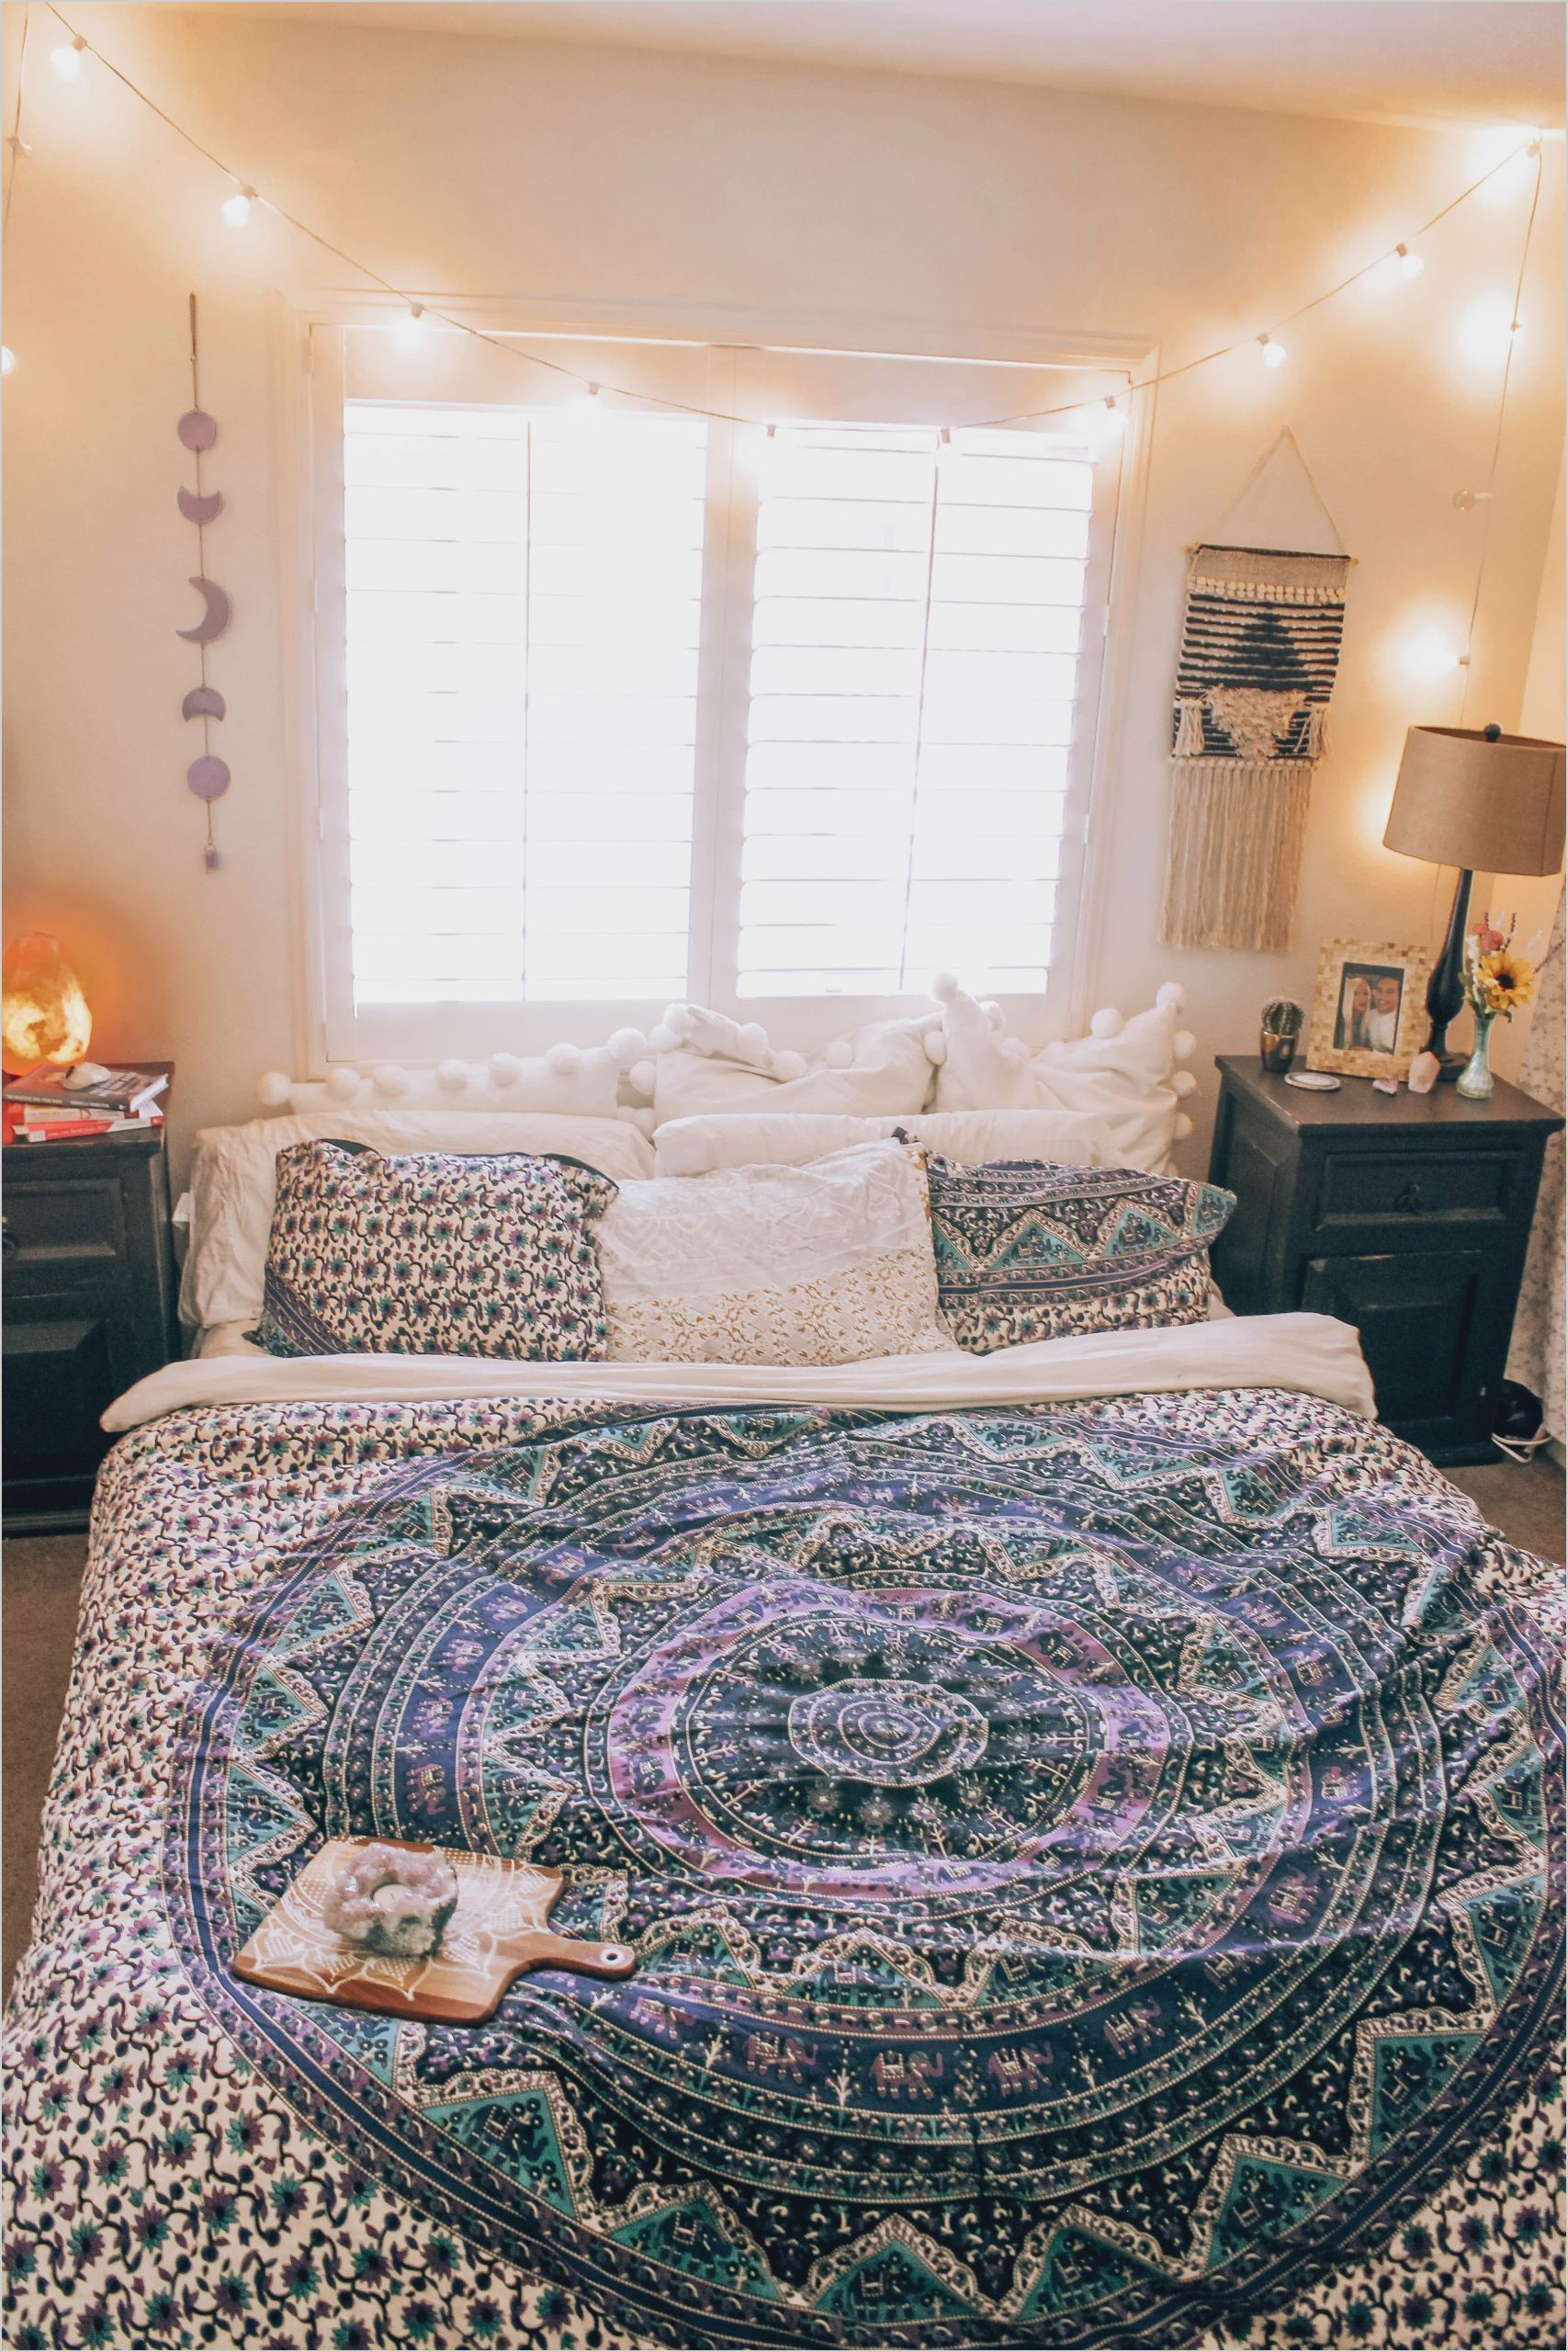 Lavender Love Mandala Tapestry With Images Boho Bedroom Design